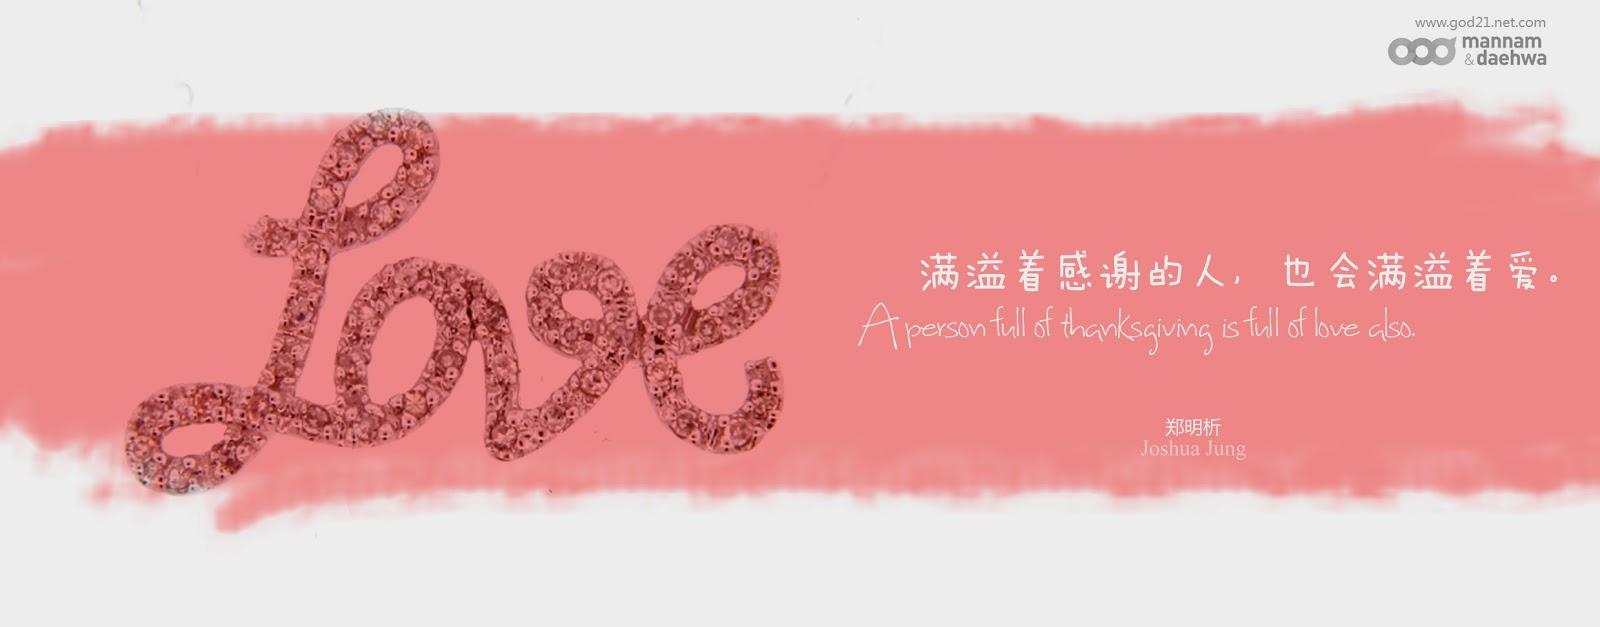 郑明析,摄理教会,月明洞,爱,感谢,Joshua Jung, Providence, Wolmyeong dong, love, thanksgiving